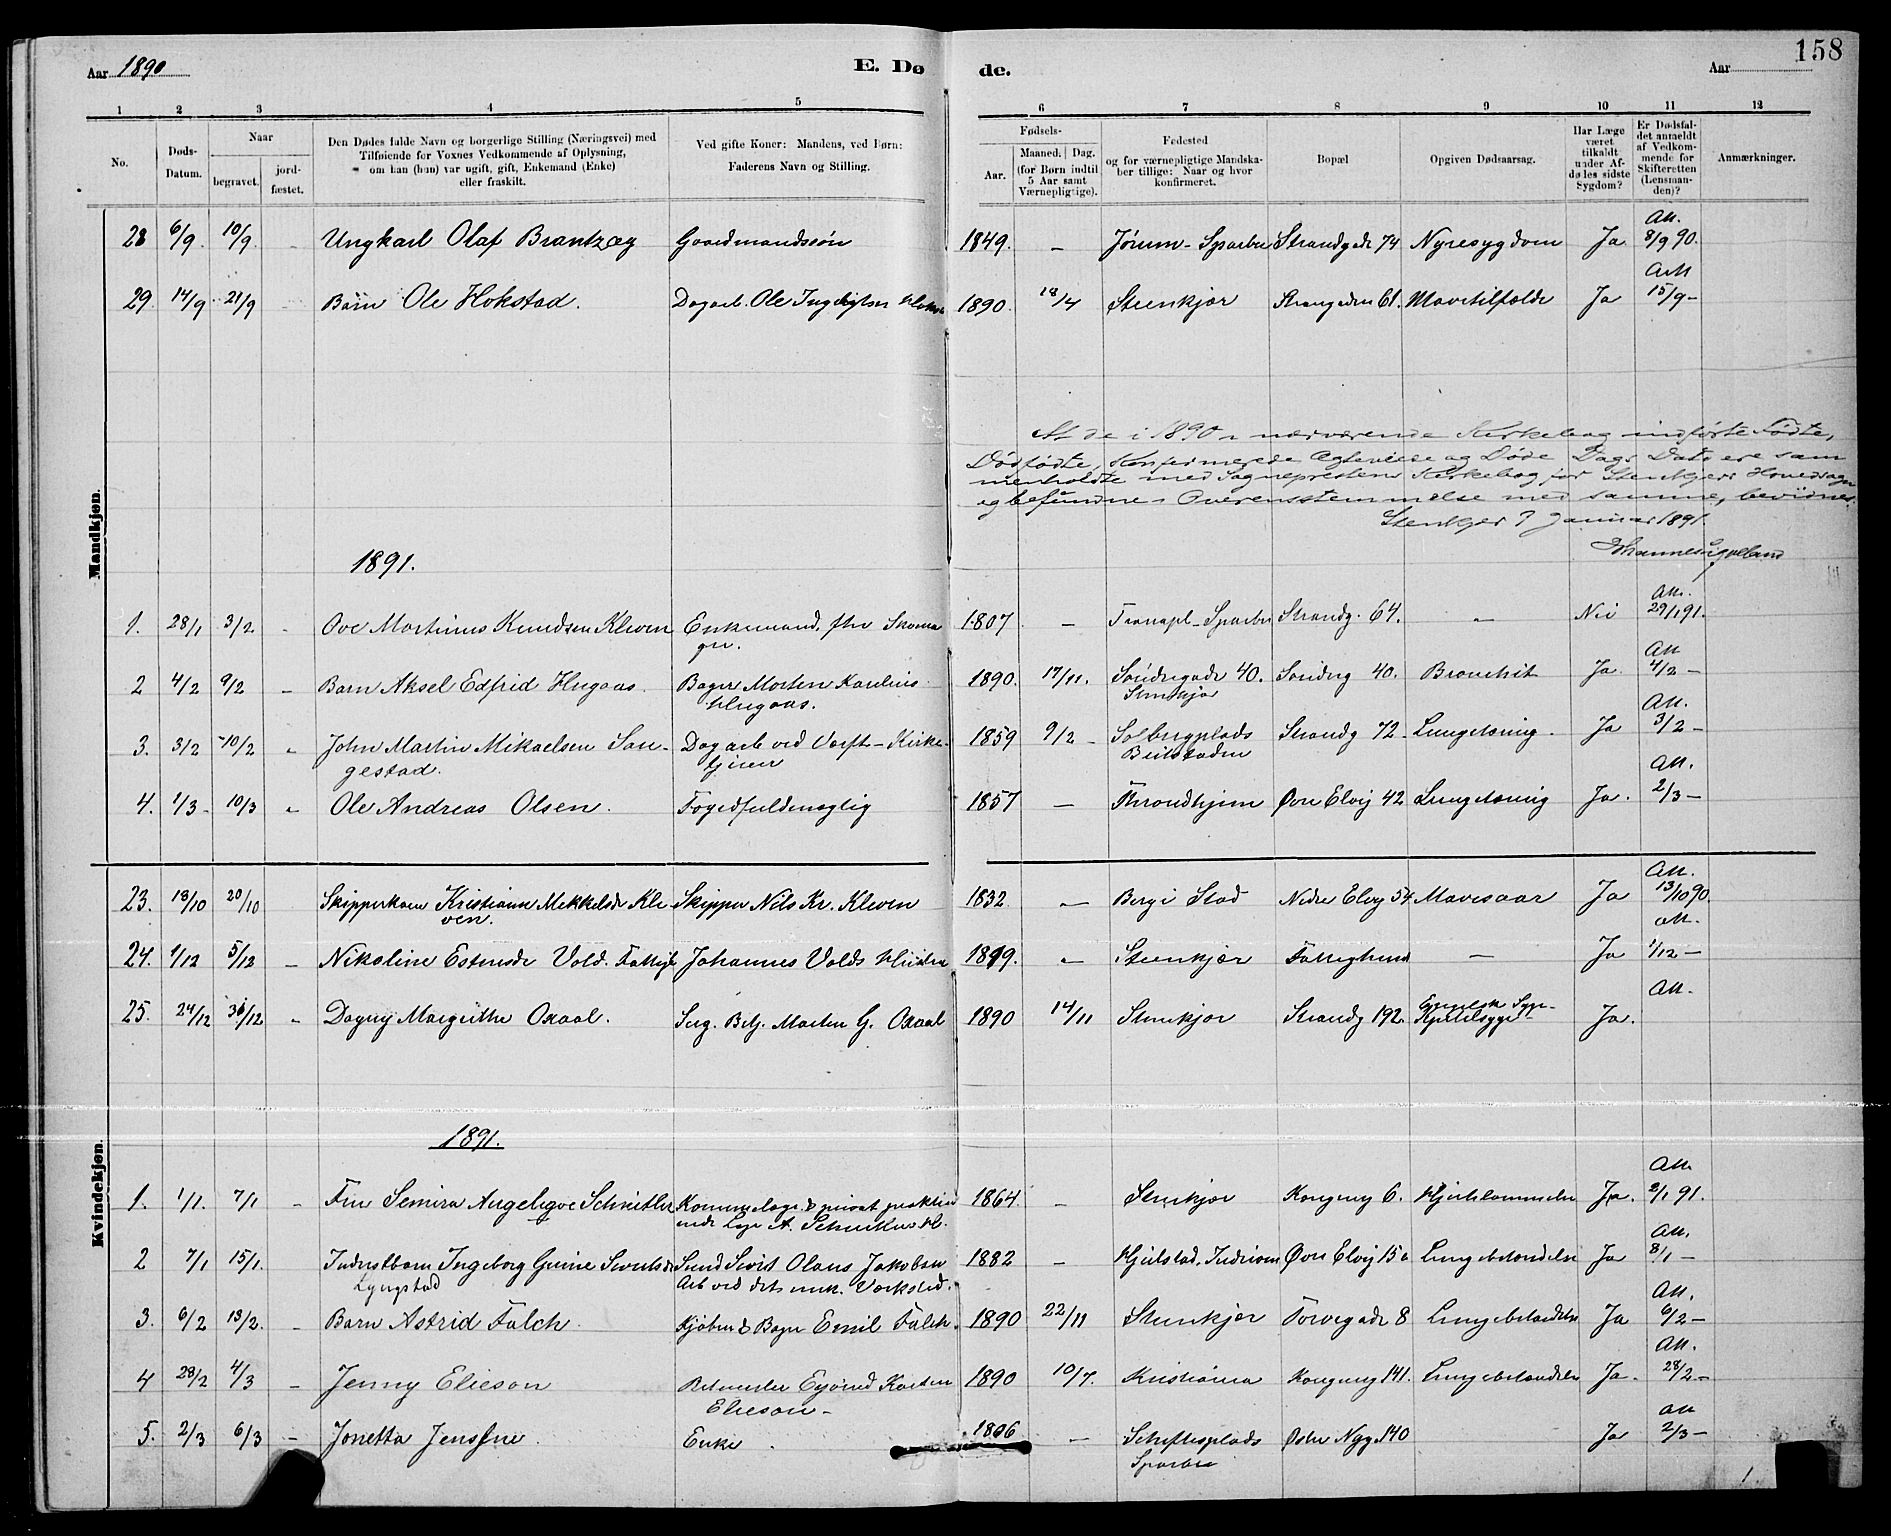 SAT, Ministerialprotokoller, klokkerbøker og fødselsregistre - Nord-Trøndelag, 739/L0374: Klokkerbok nr. 739C02, 1883-1898, s. 158